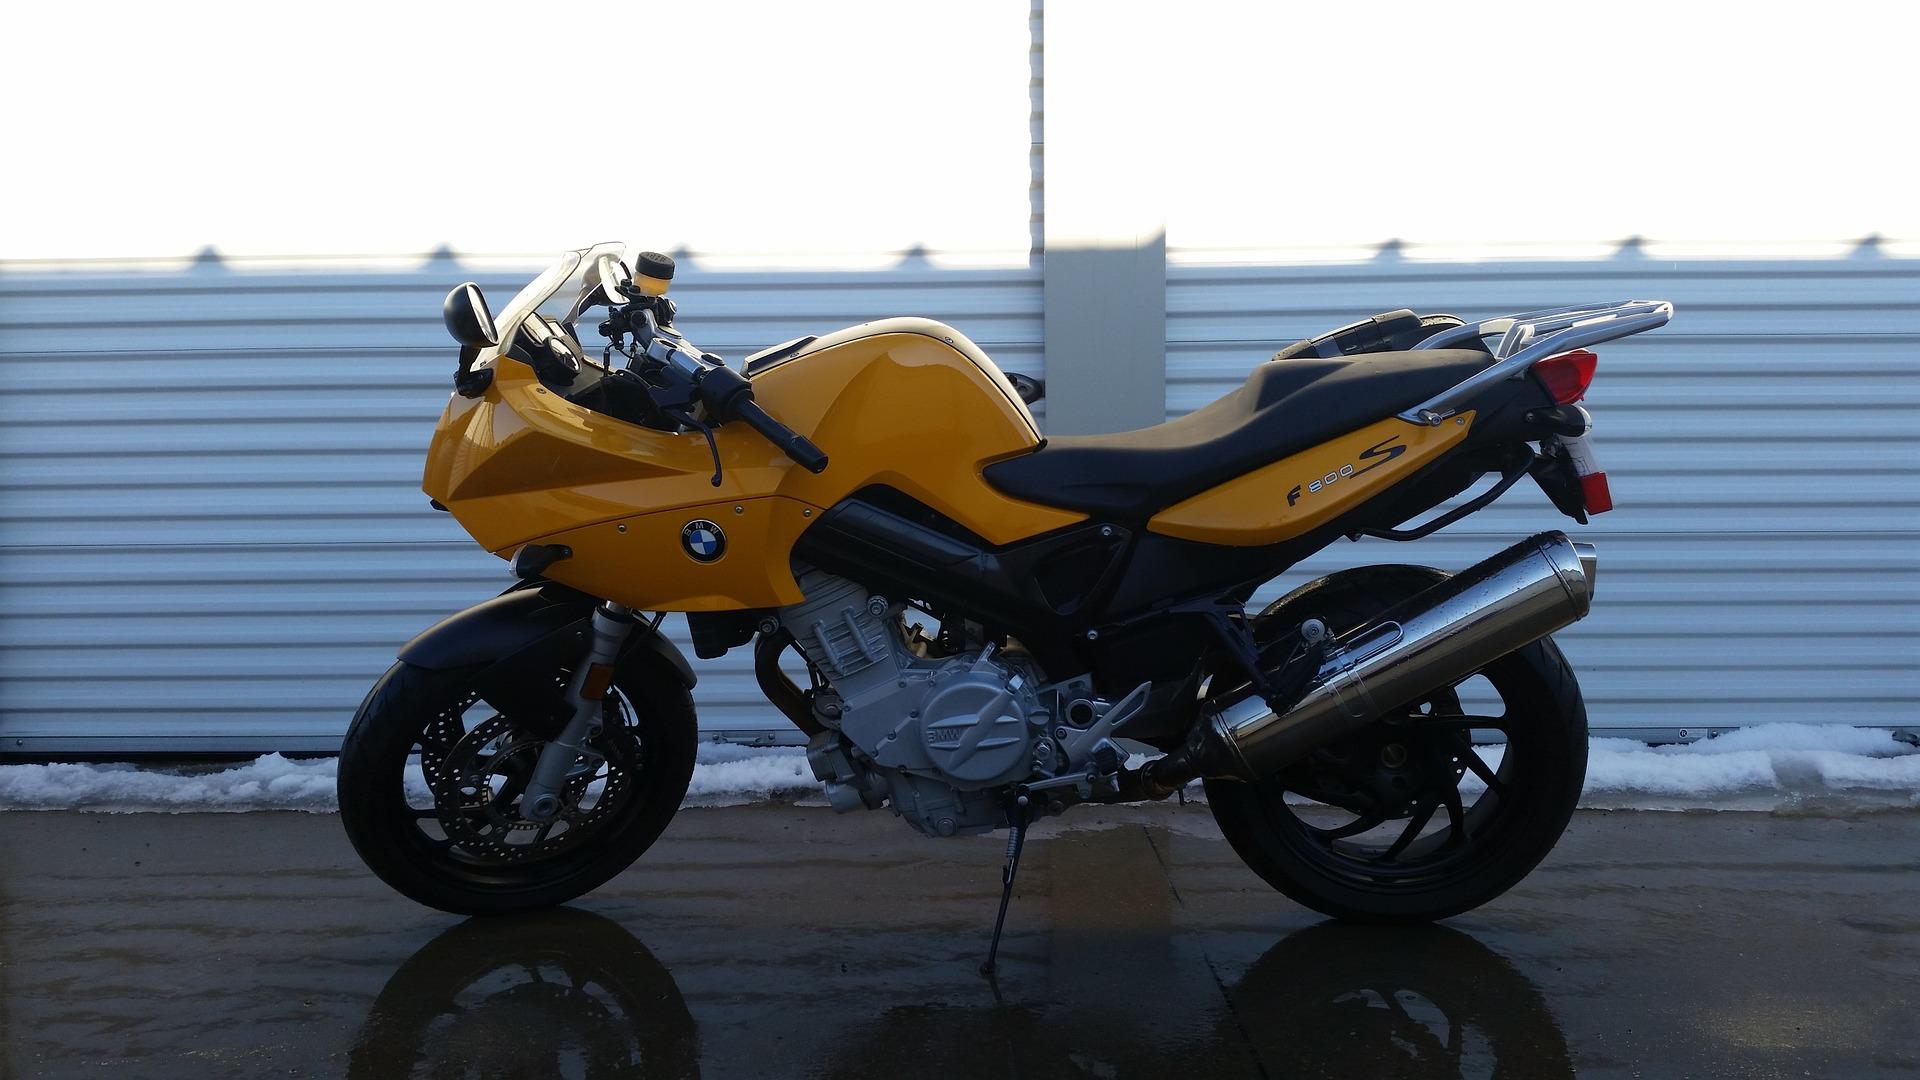 När du köper en begagnad motorcykel